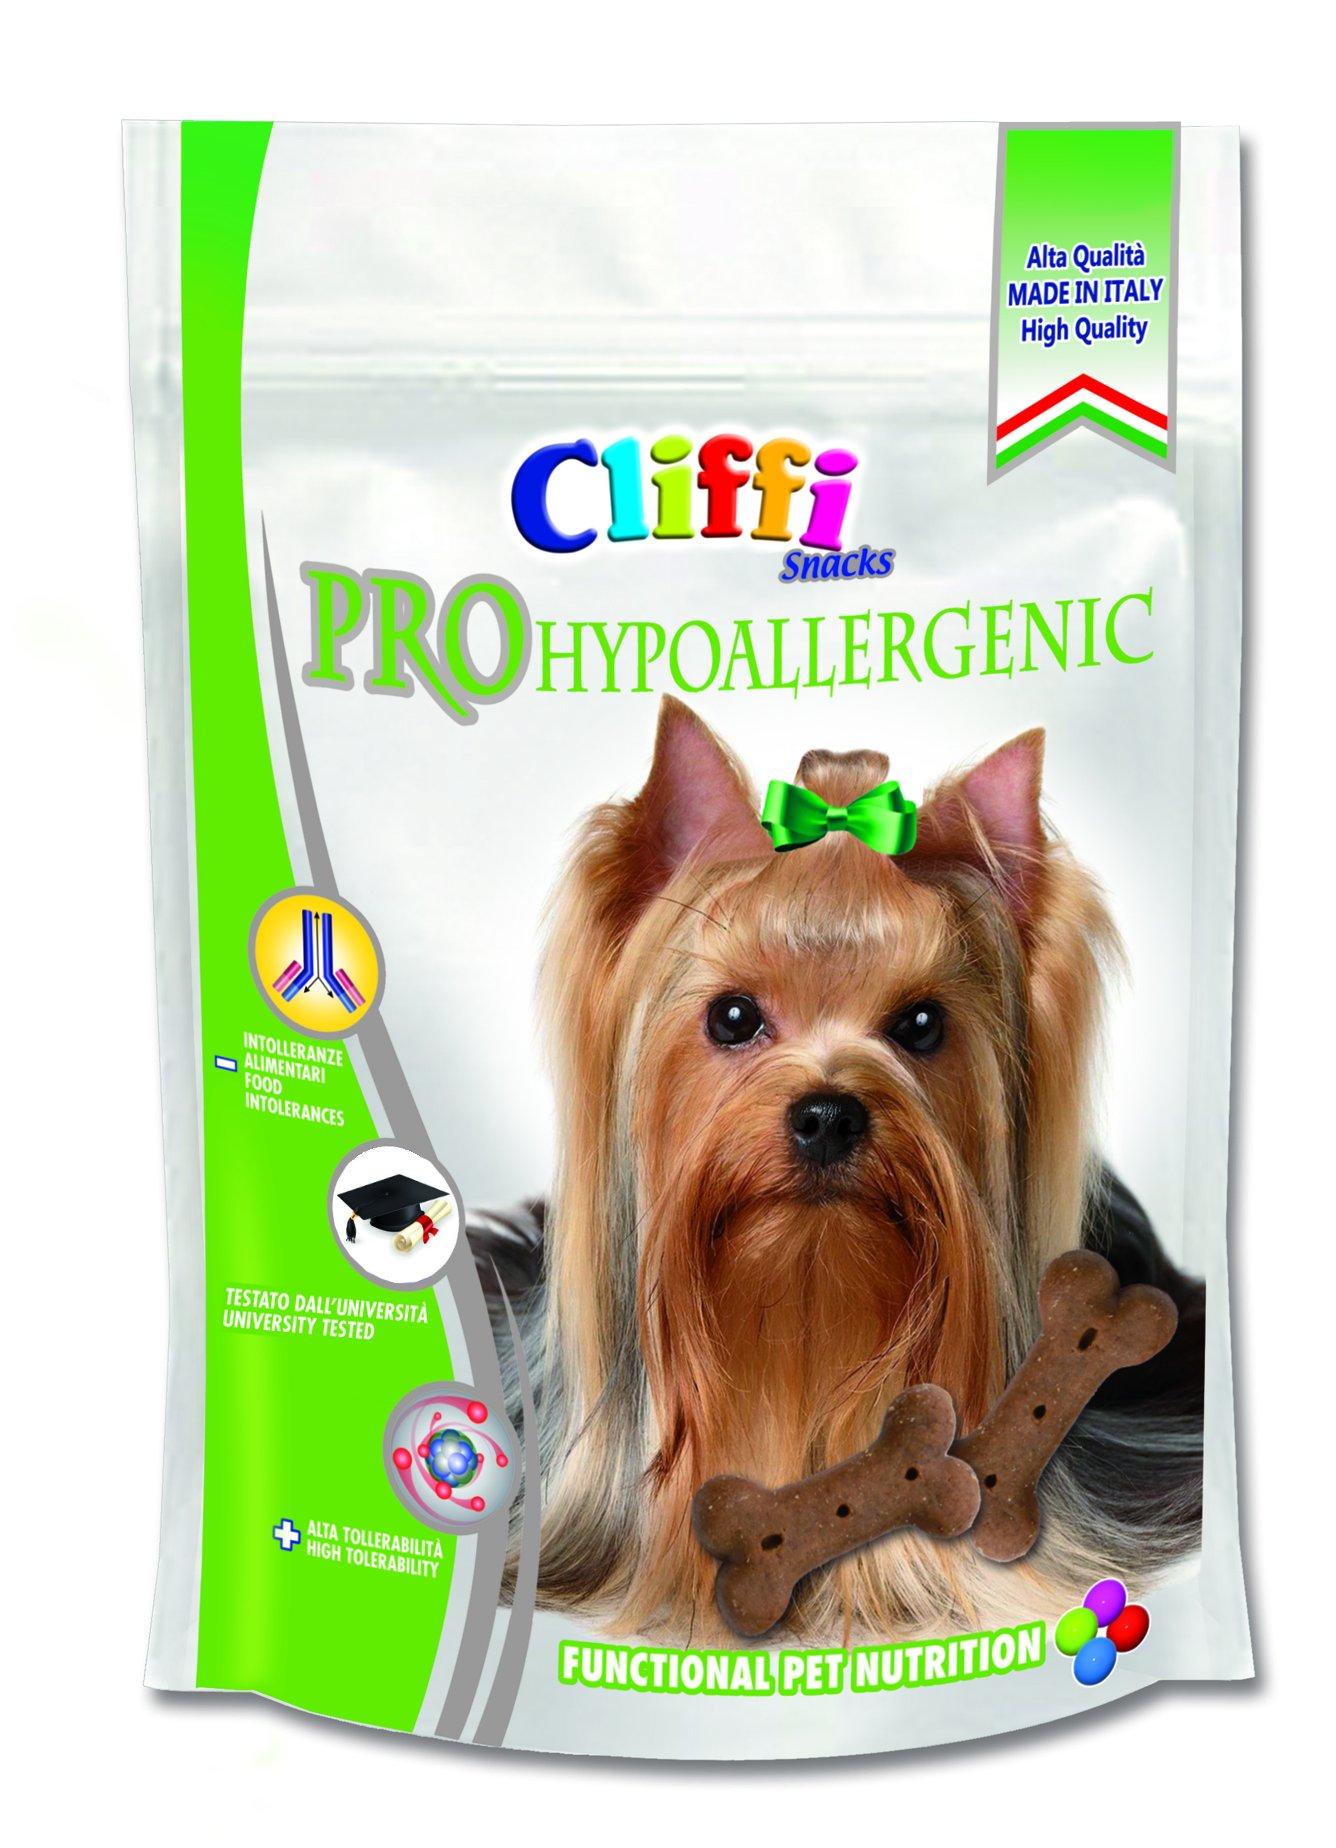 CLIFFI - Pro Hypoallergenic Snack Semi-Humido